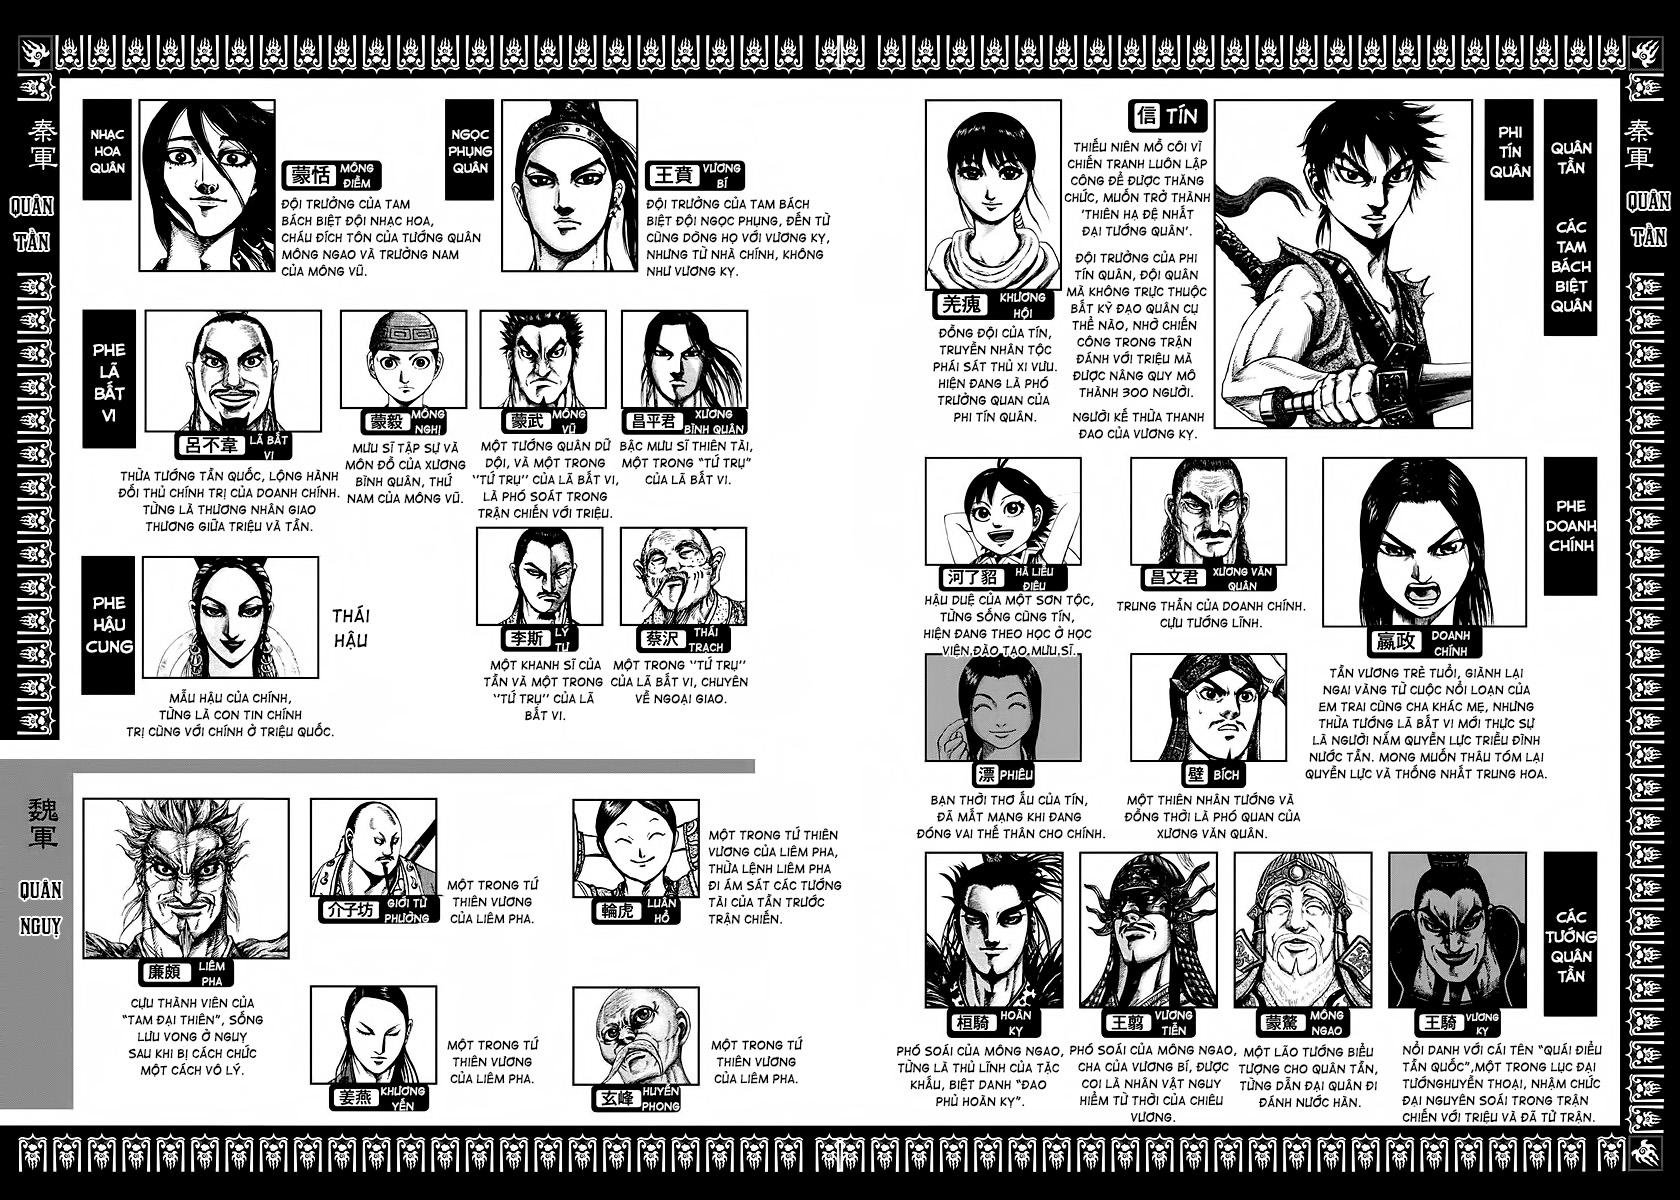 Kingdom – Vương Giả Thiên Hạ (Tổng Hợp) chap 229 page 5 - IZTruyenTranh.com